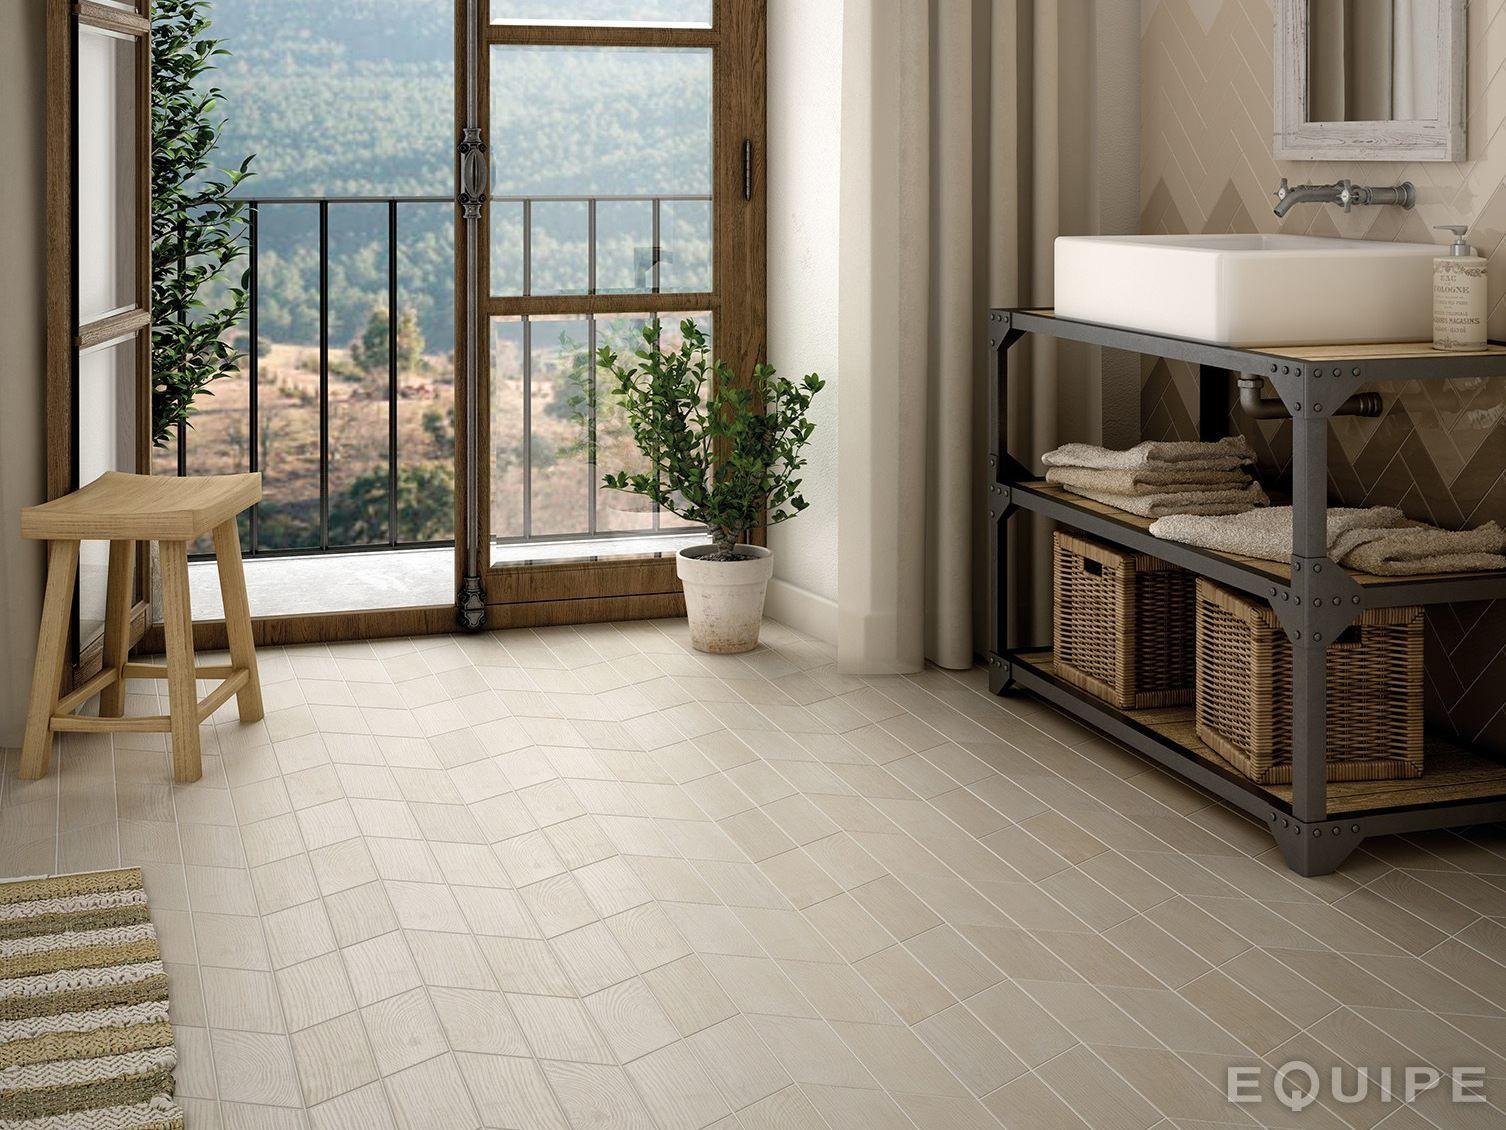 Pavimento de cer mica hexawood by equipe ceramicas - Equipe ceramicas ...